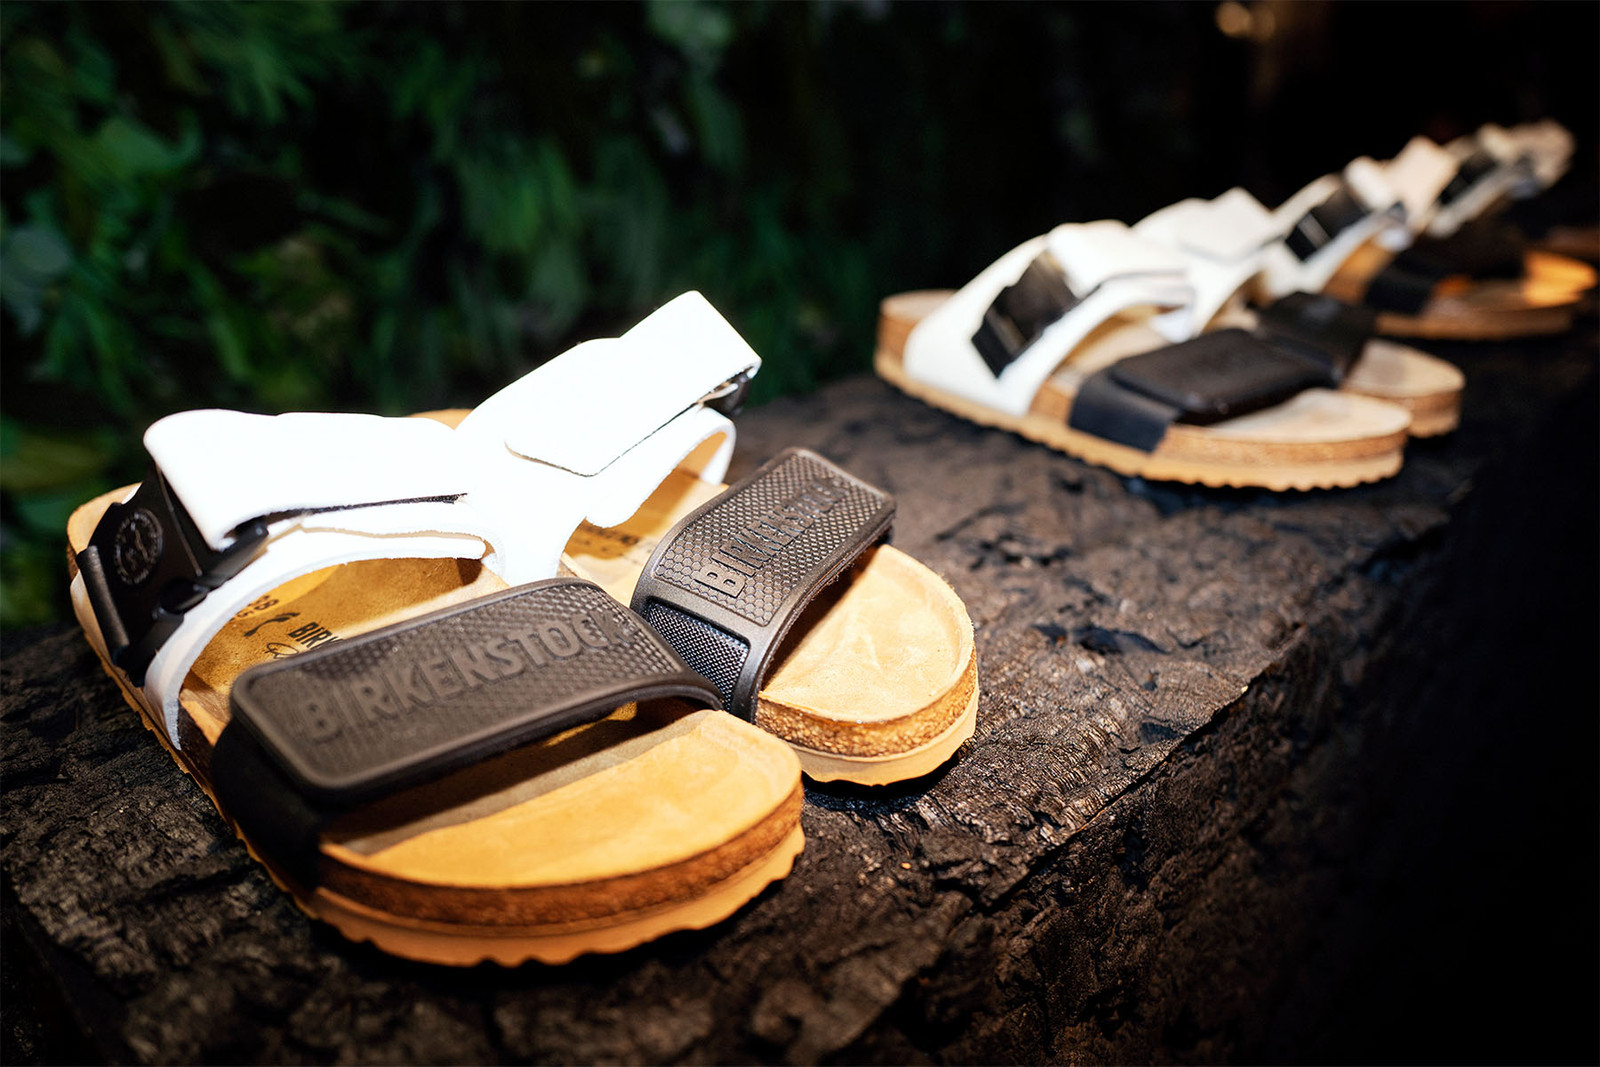 リック・オウエンス x ビルケンシュトック Birkenstock x Rick Owens Season Two Sandals Boots Collab Collaboration Info Details Spring Summer 2019 Shoes Trainers Kicks Sneakers Footwear Cop Purchase Buy Release Date